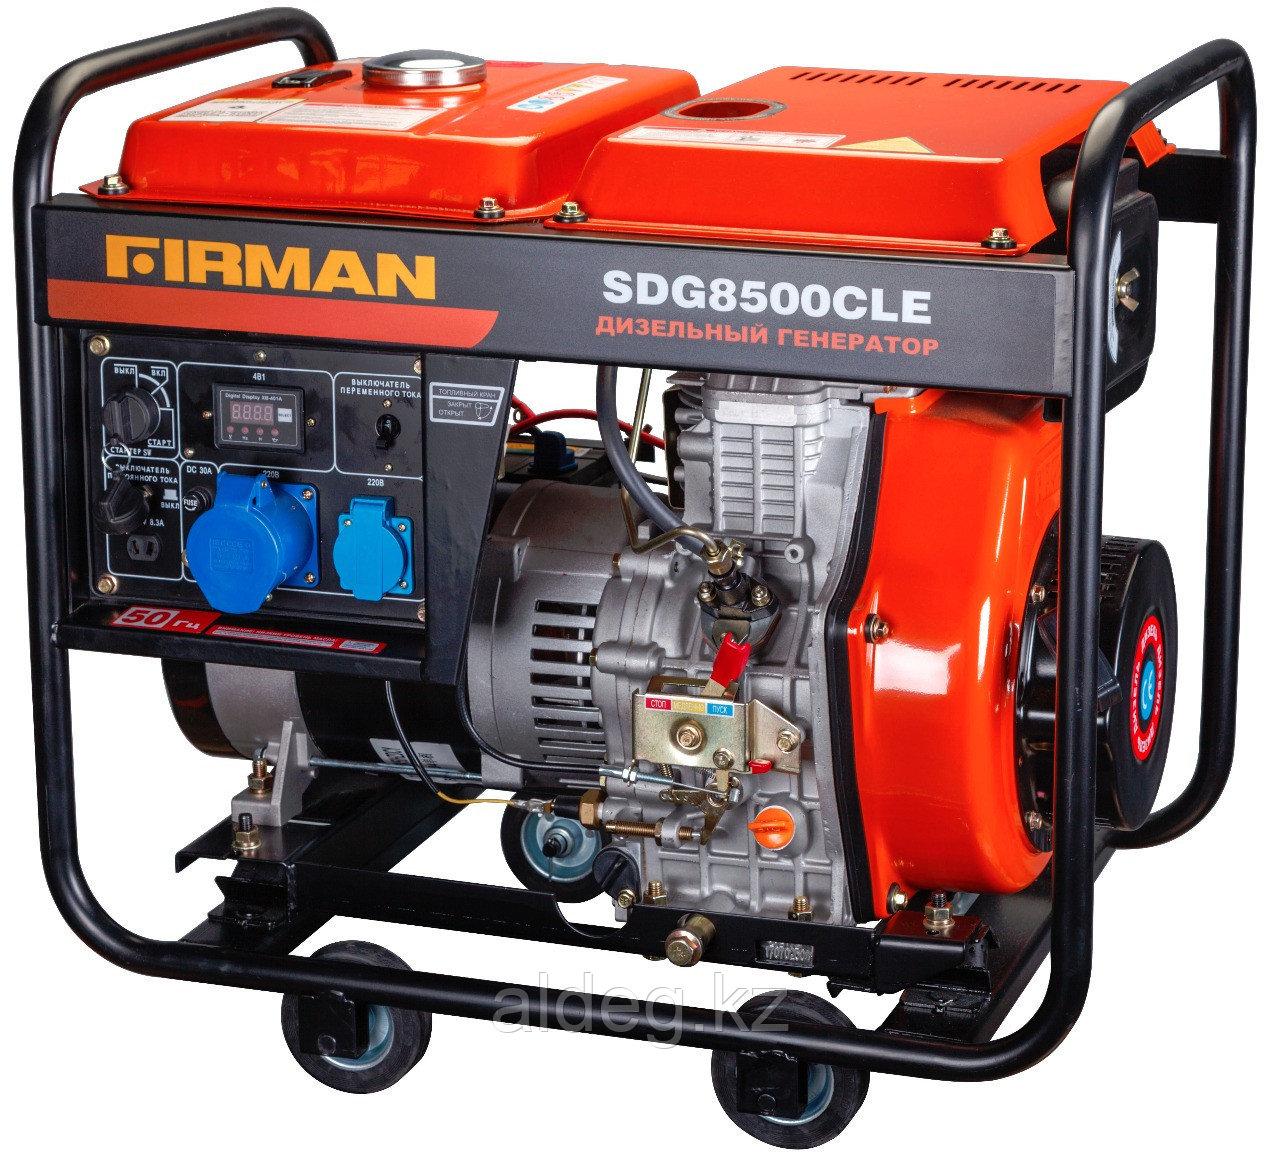 Дизельный генератор SDG 8500 TCLE